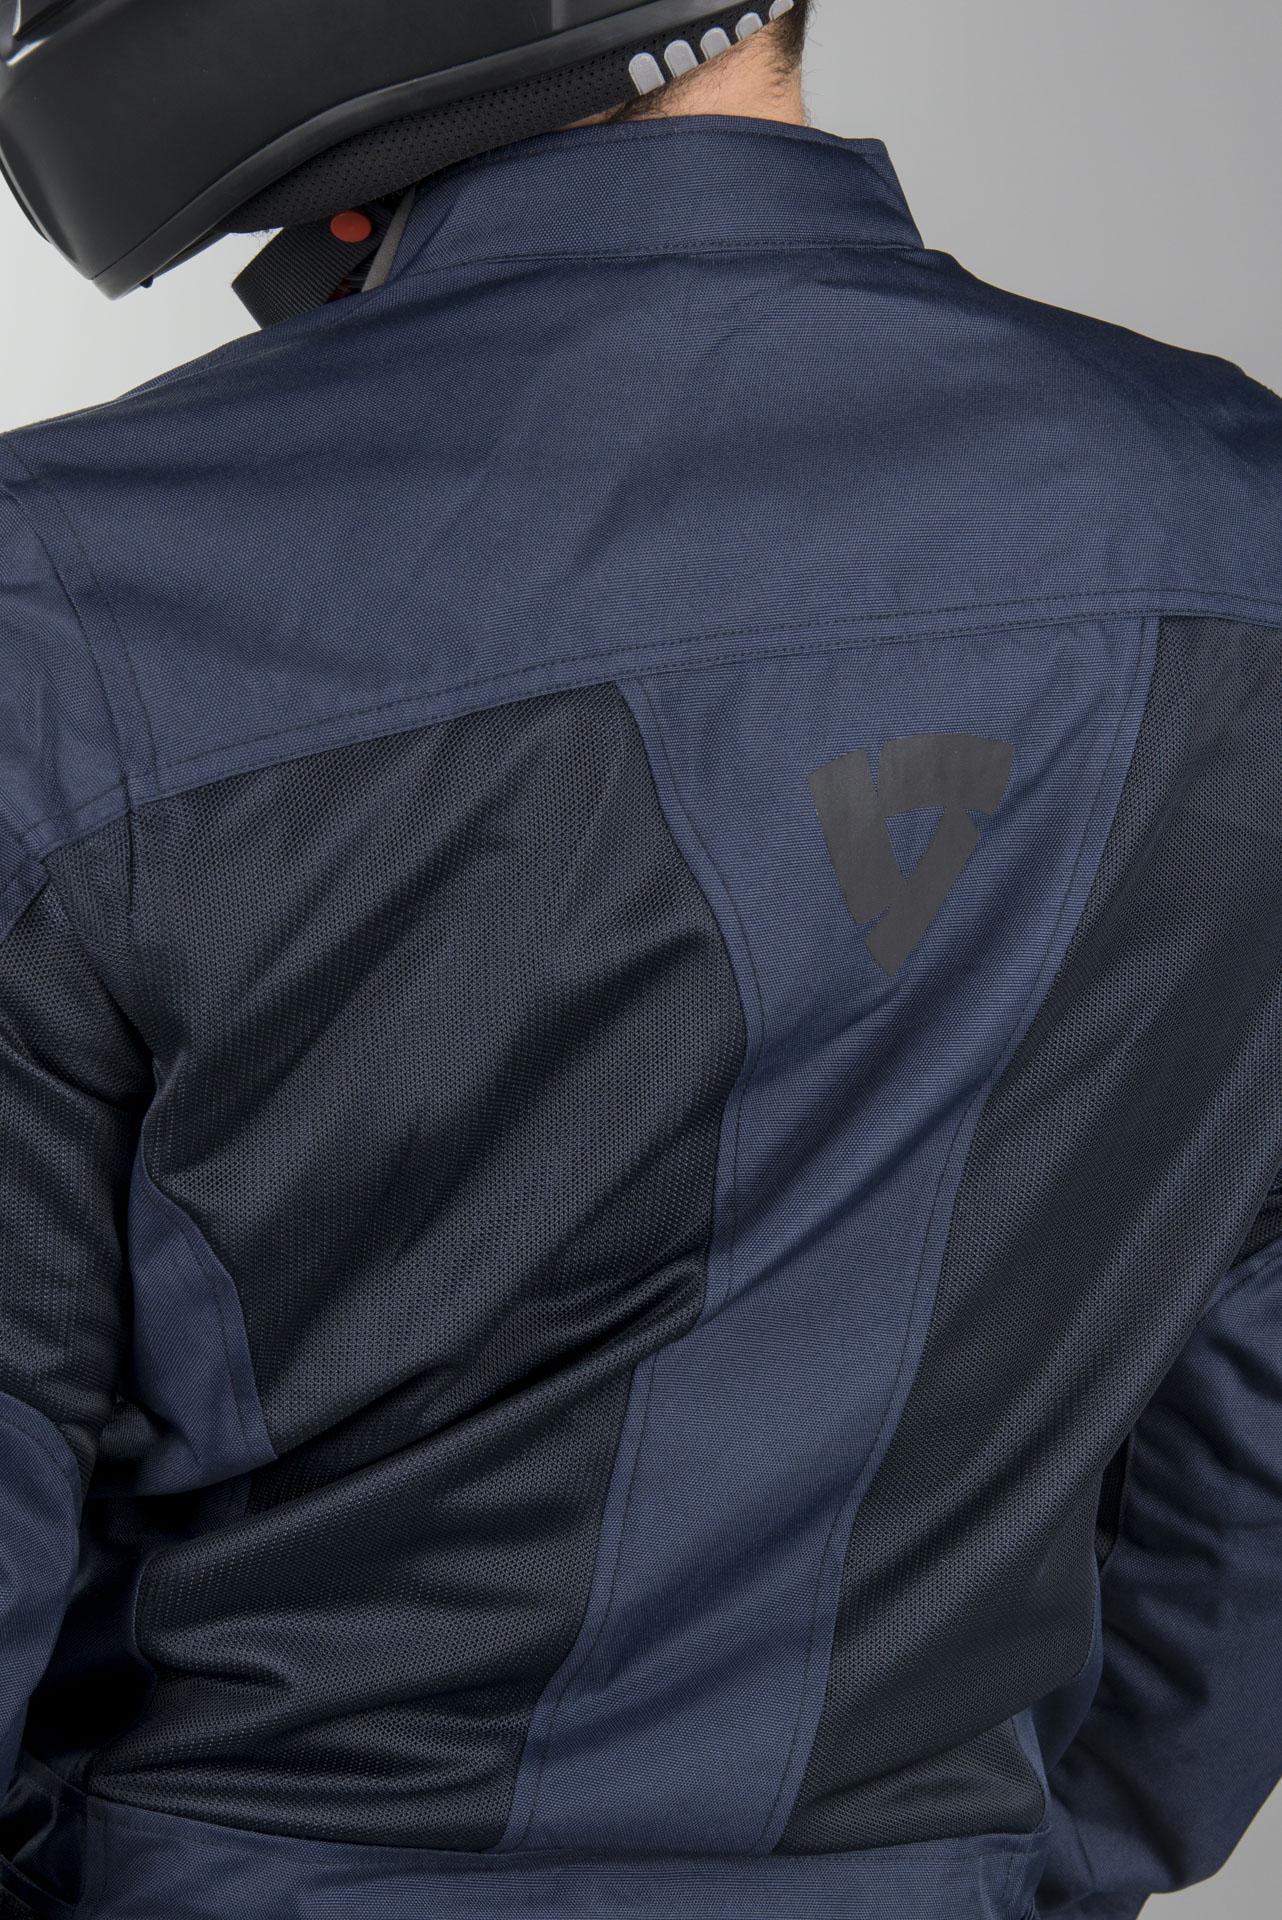 Revit Eclipse Textiljacke Dunkelblau XL